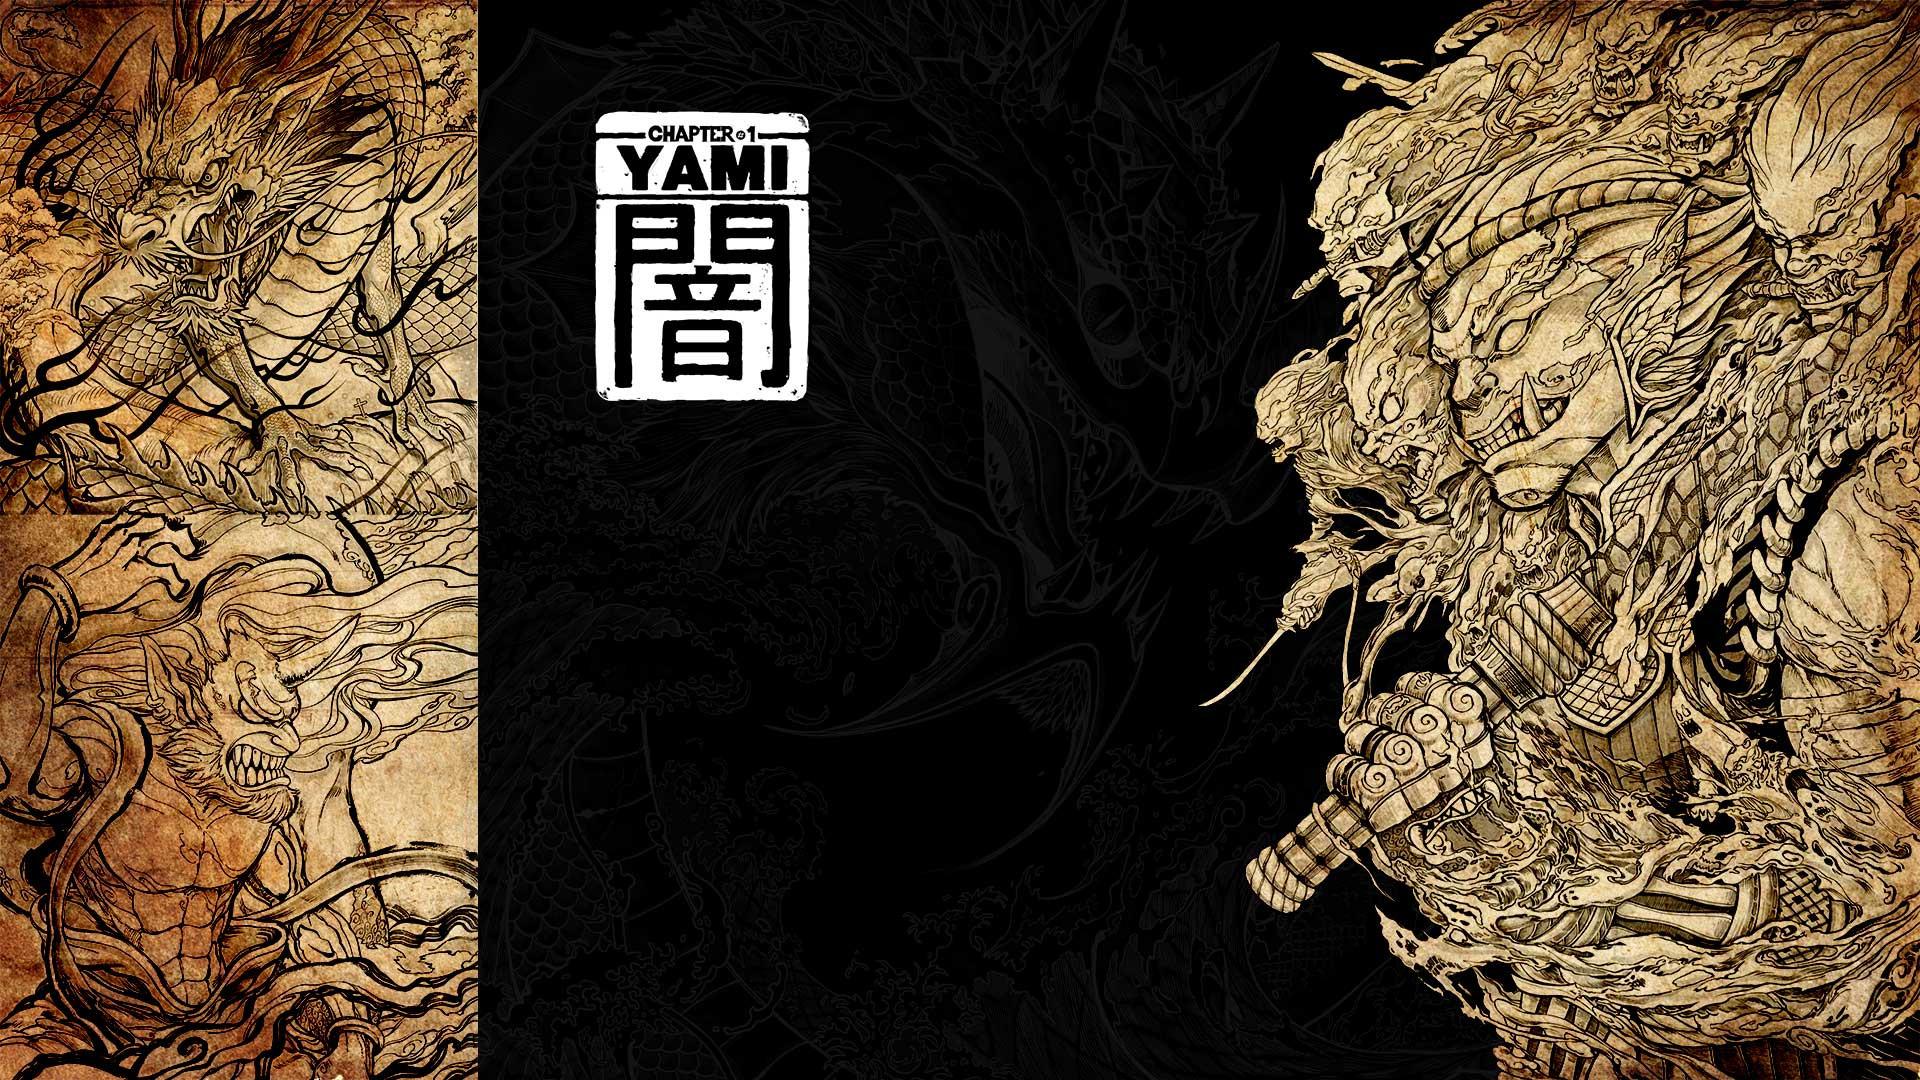 YAMI-BG.jpg